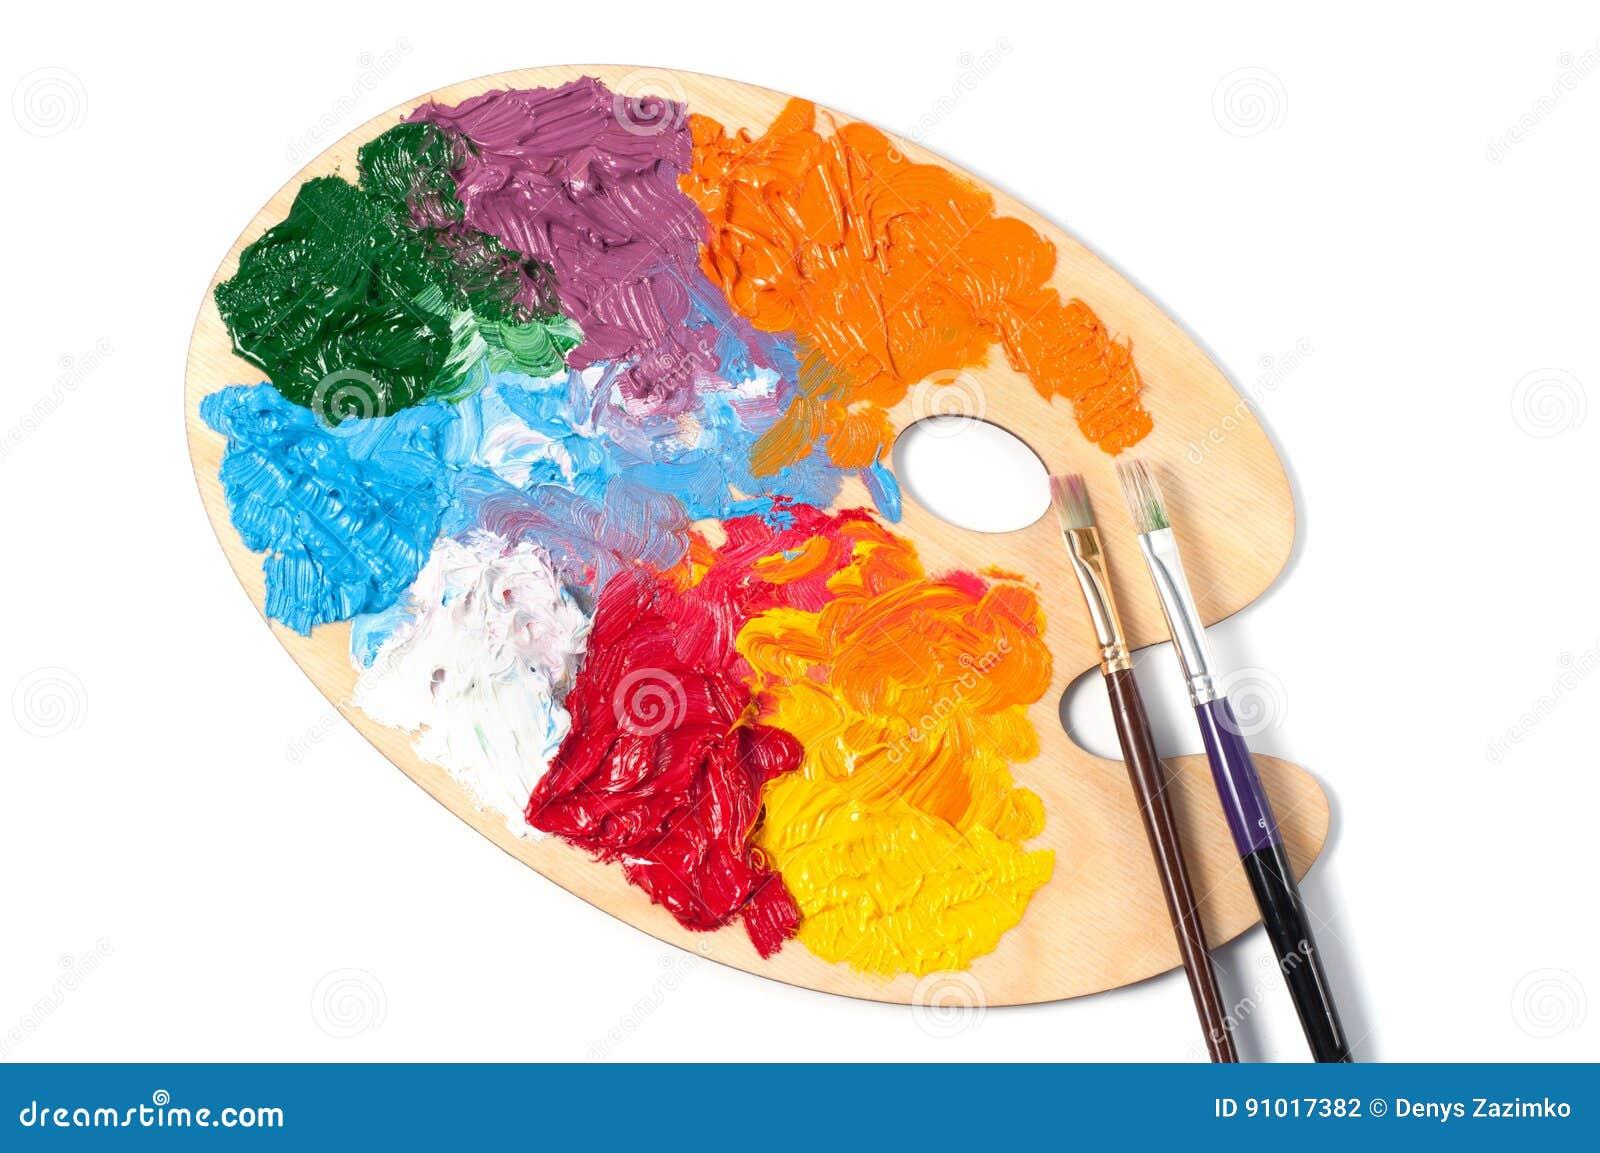 Farbpalette Mit Mehrfarbigen Farben Stockfoto Bild Von Blau Grün